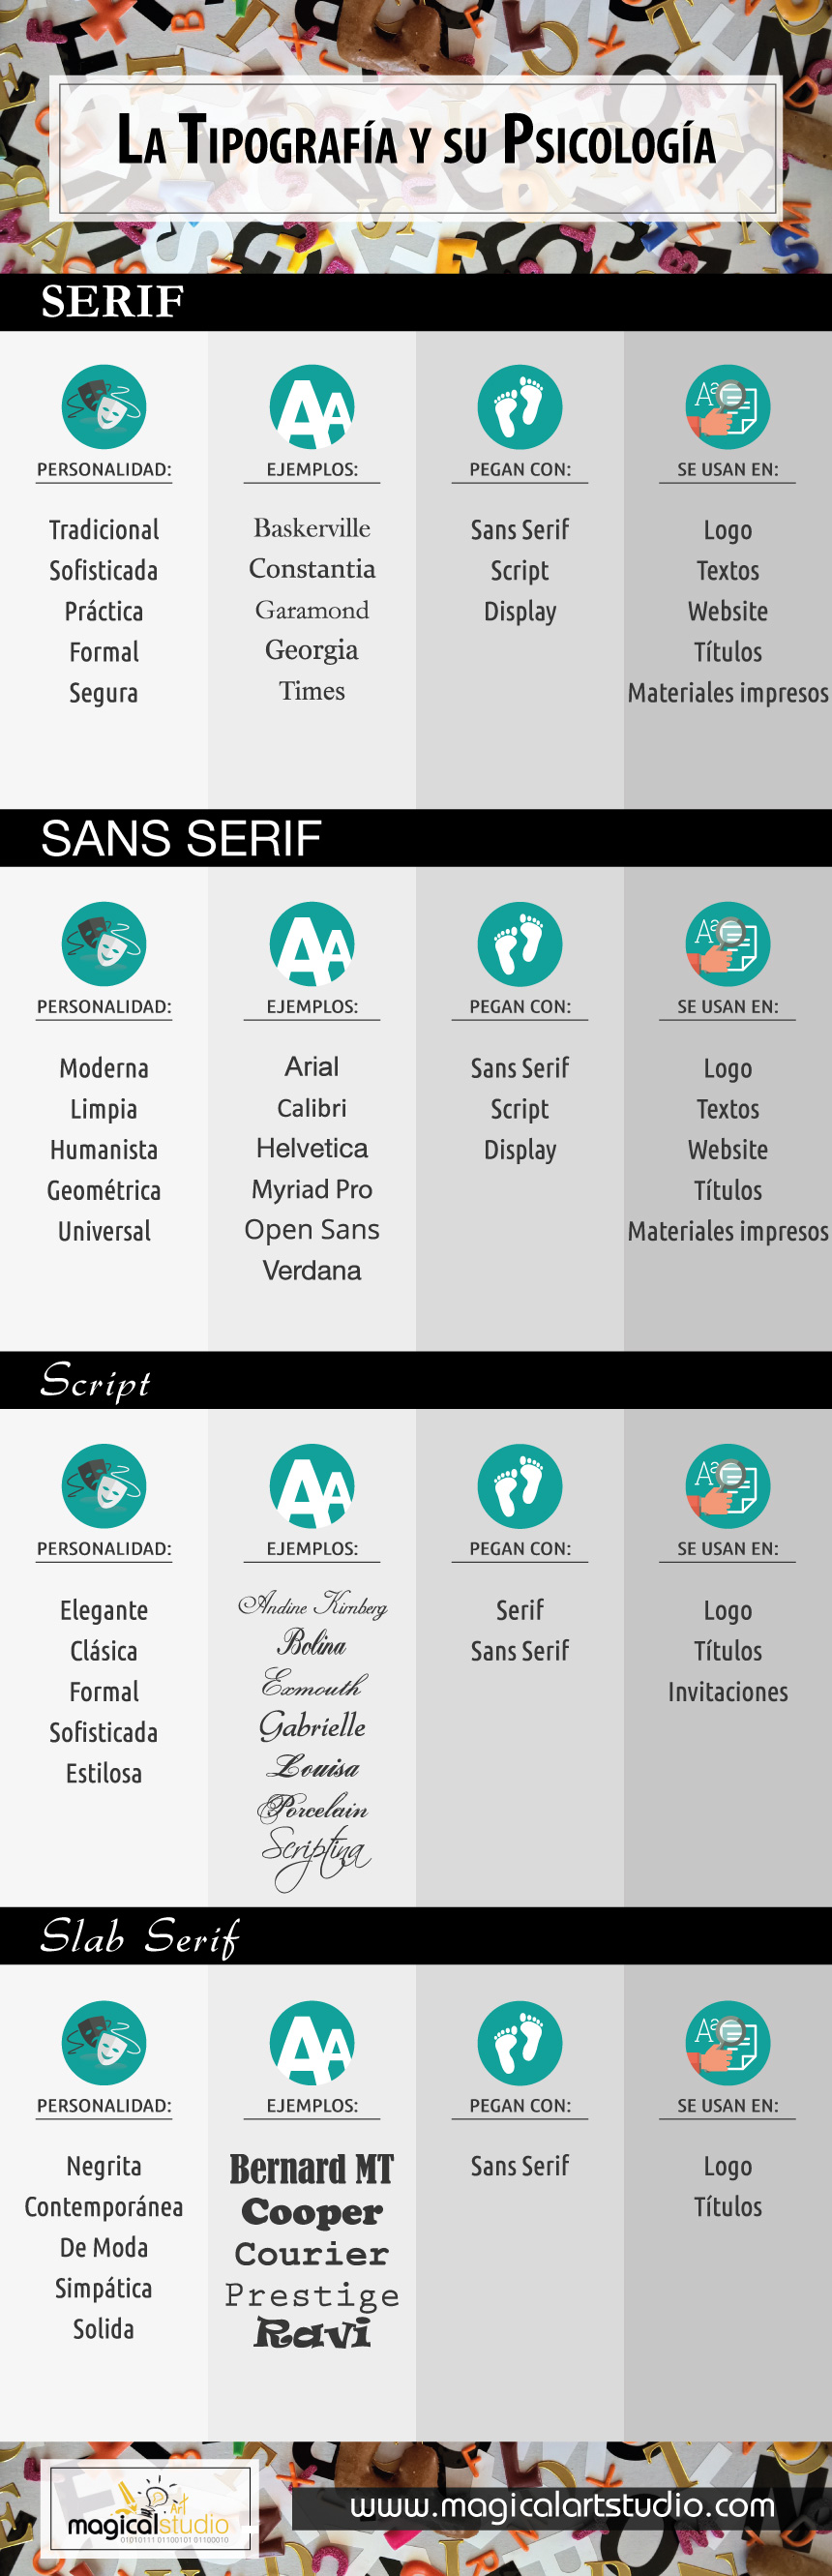 infografia-psicologia-fuente